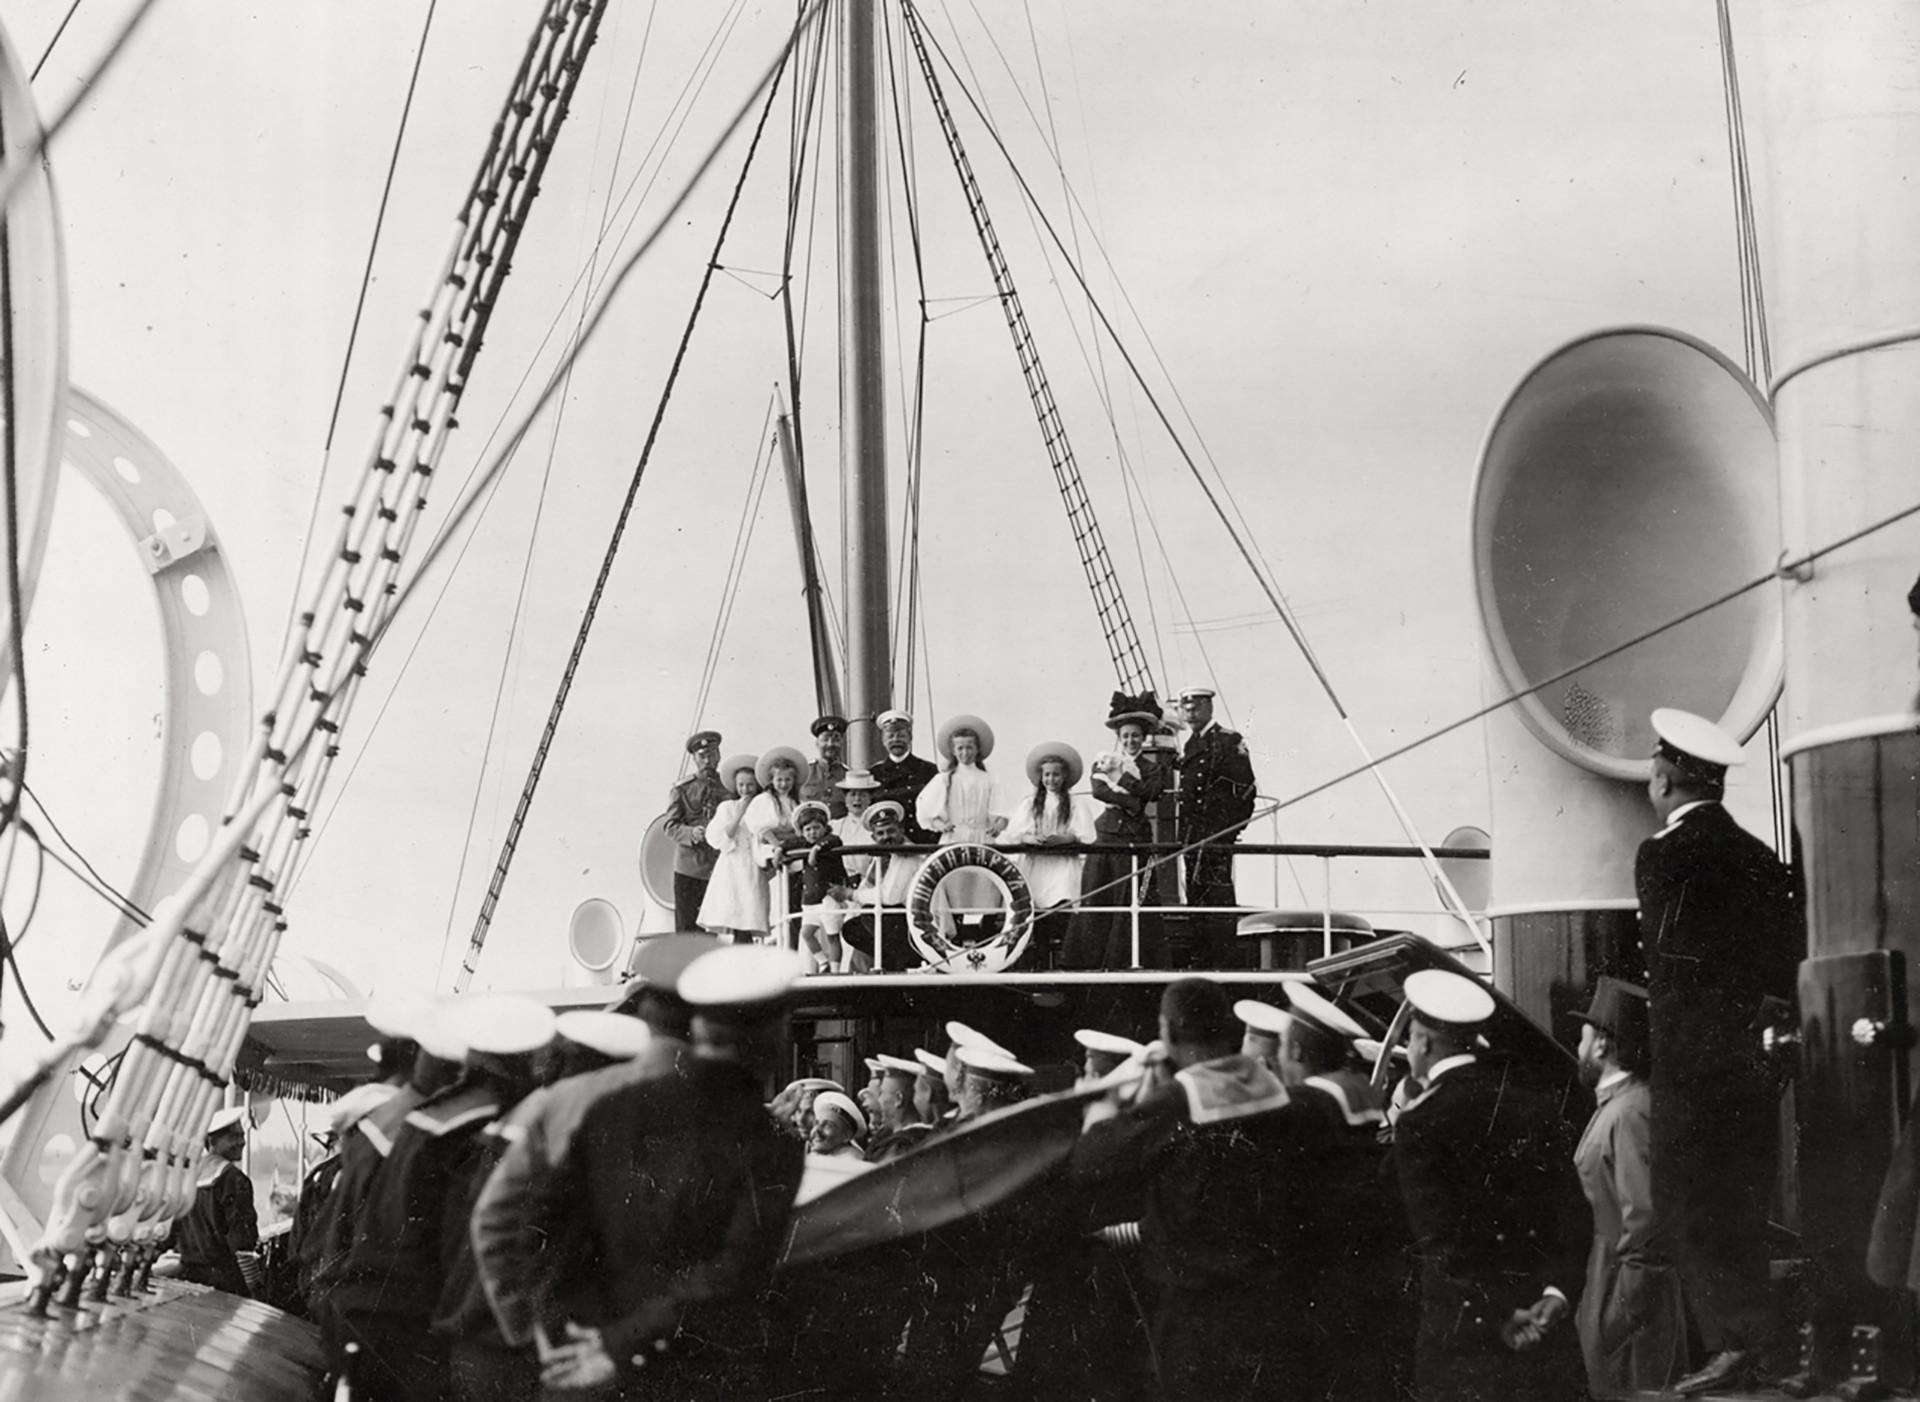 La familia imperial y su círculo cercano en la cubierta del puente del yate Standart. Observan las regatas de vela. Escollos finlandeses, 1907.